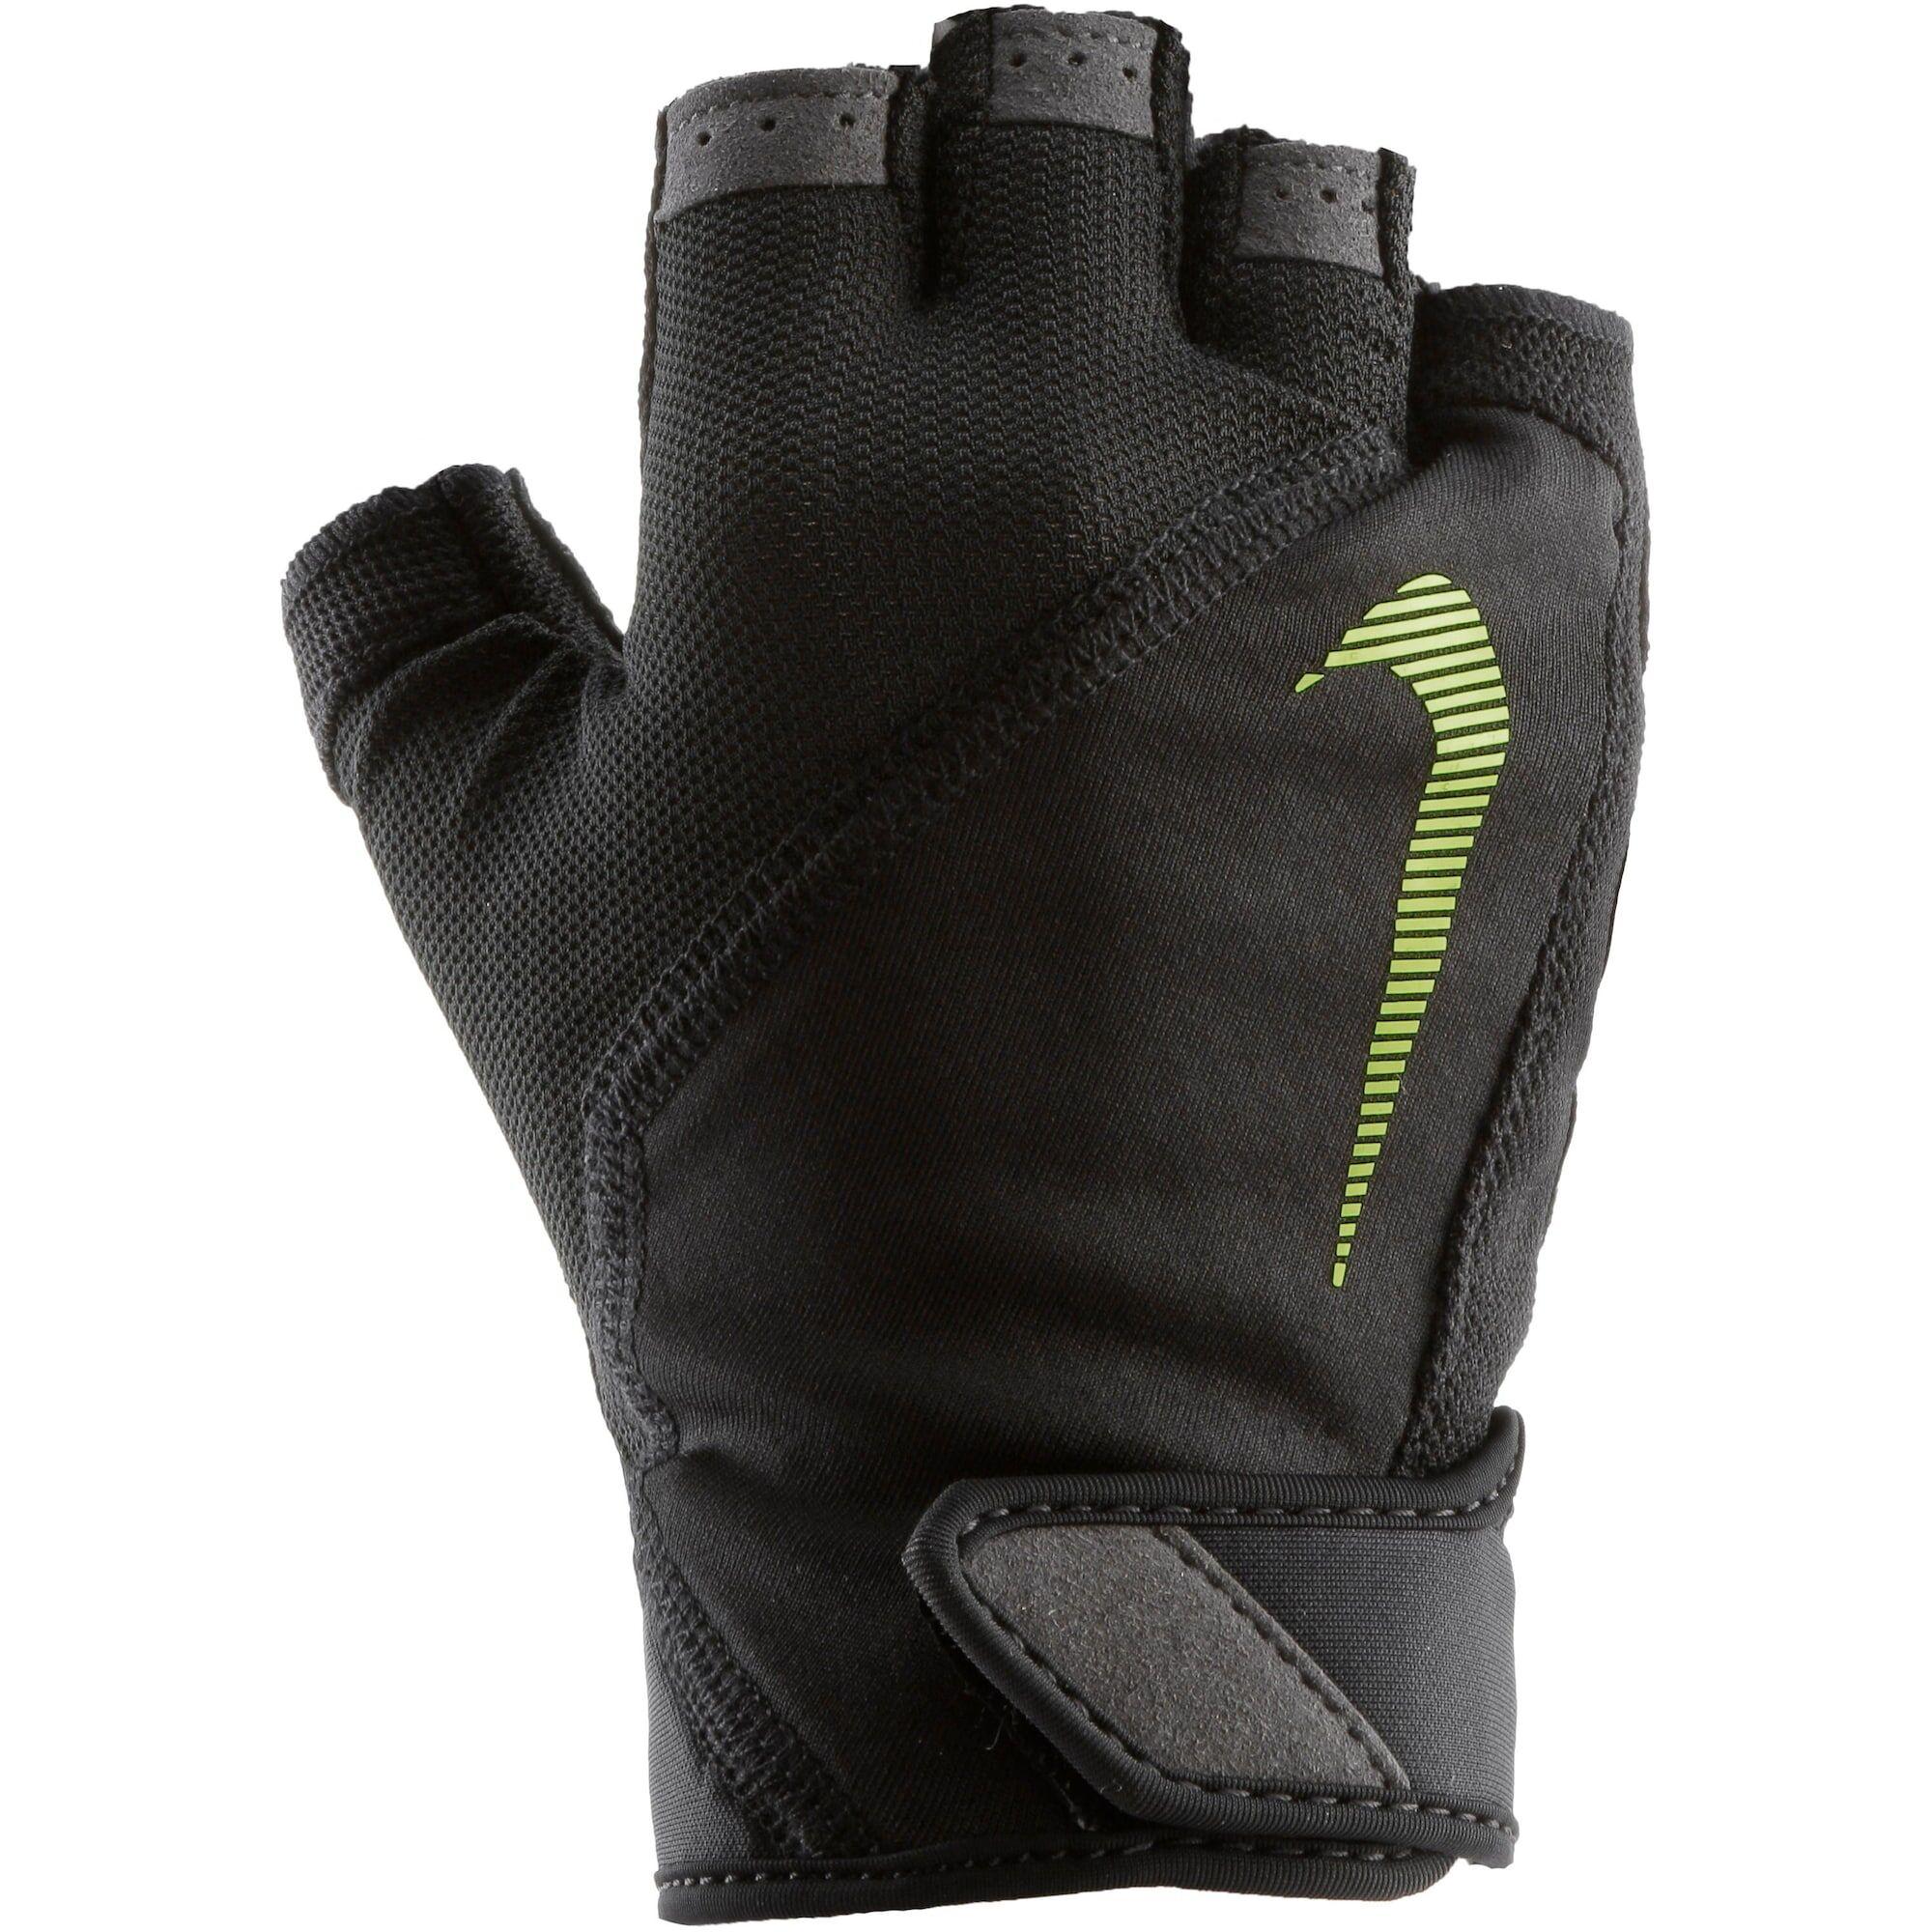 NIKE Gants de sport  - Noir - Taille: XL - male